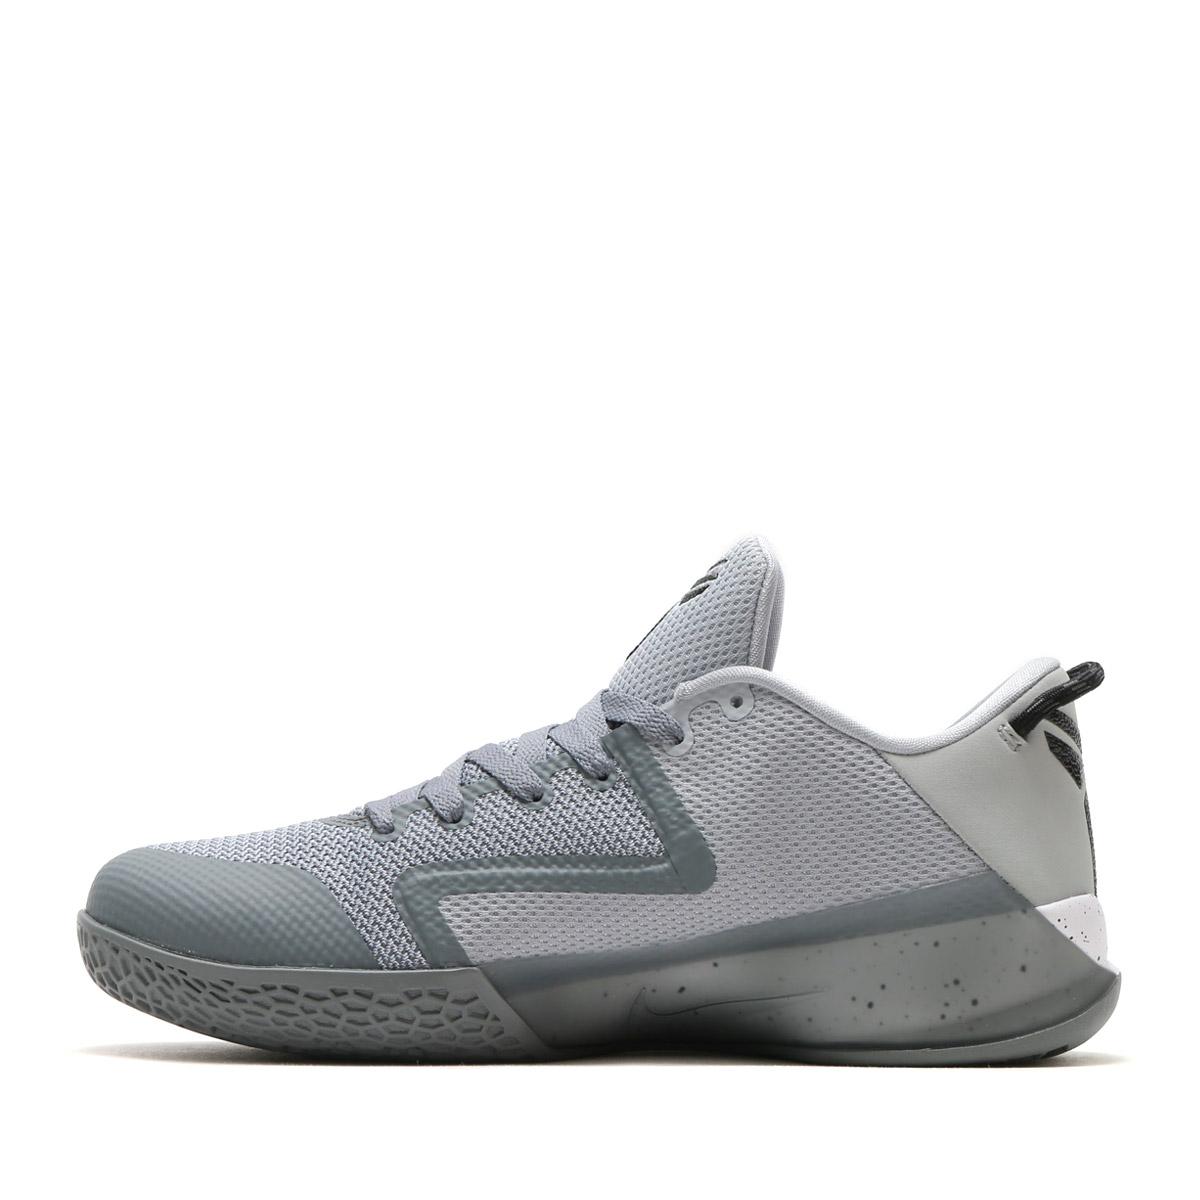 sale retailer 2ca06 312b9 Check Out the Nike Kobe Venomenon 6 in  Cool Grey -3